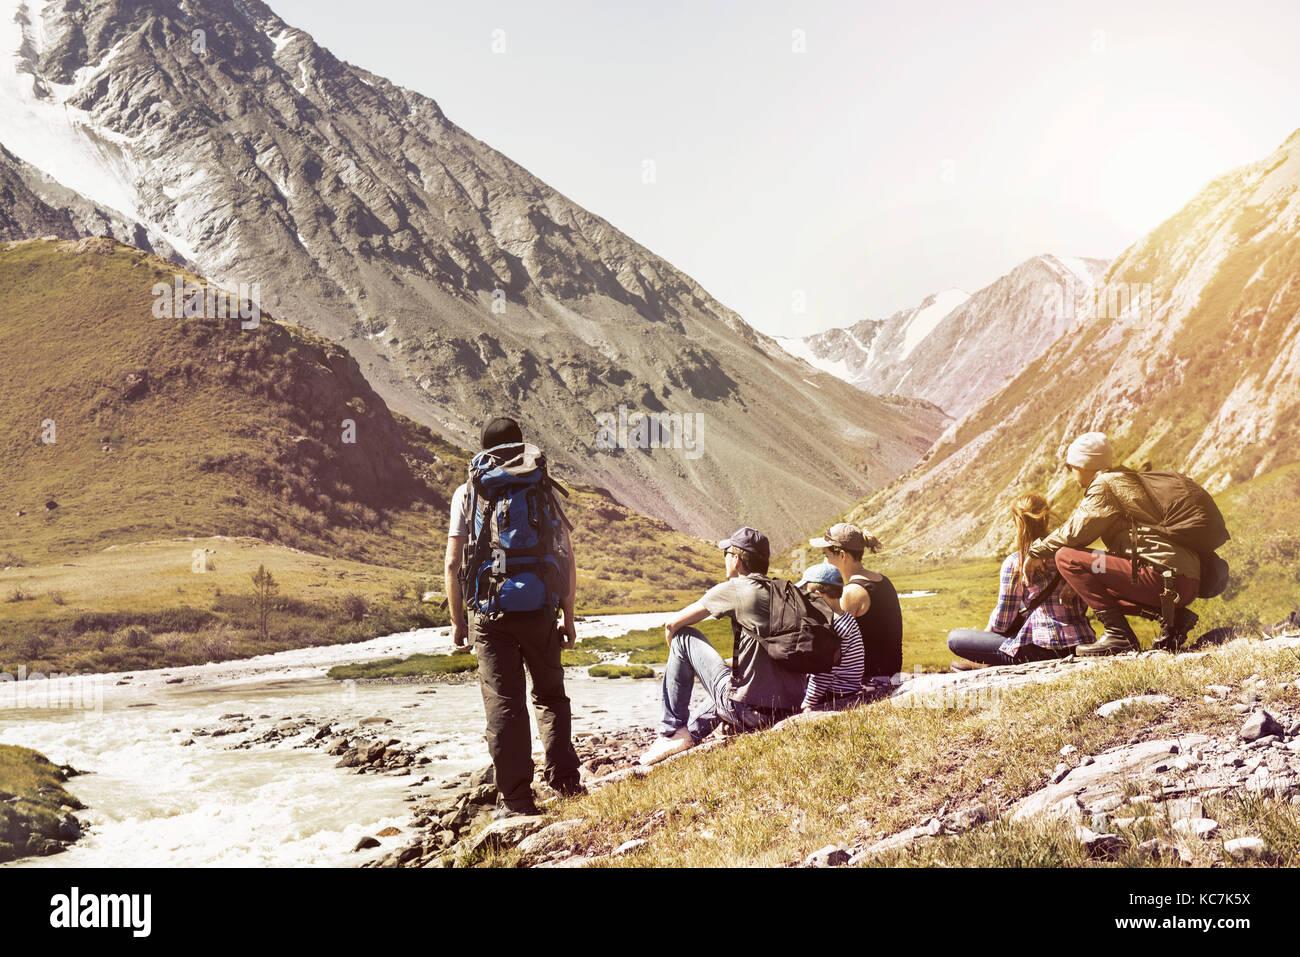 Gran grupo de personas viajan expedición montañas Imagen De Stock